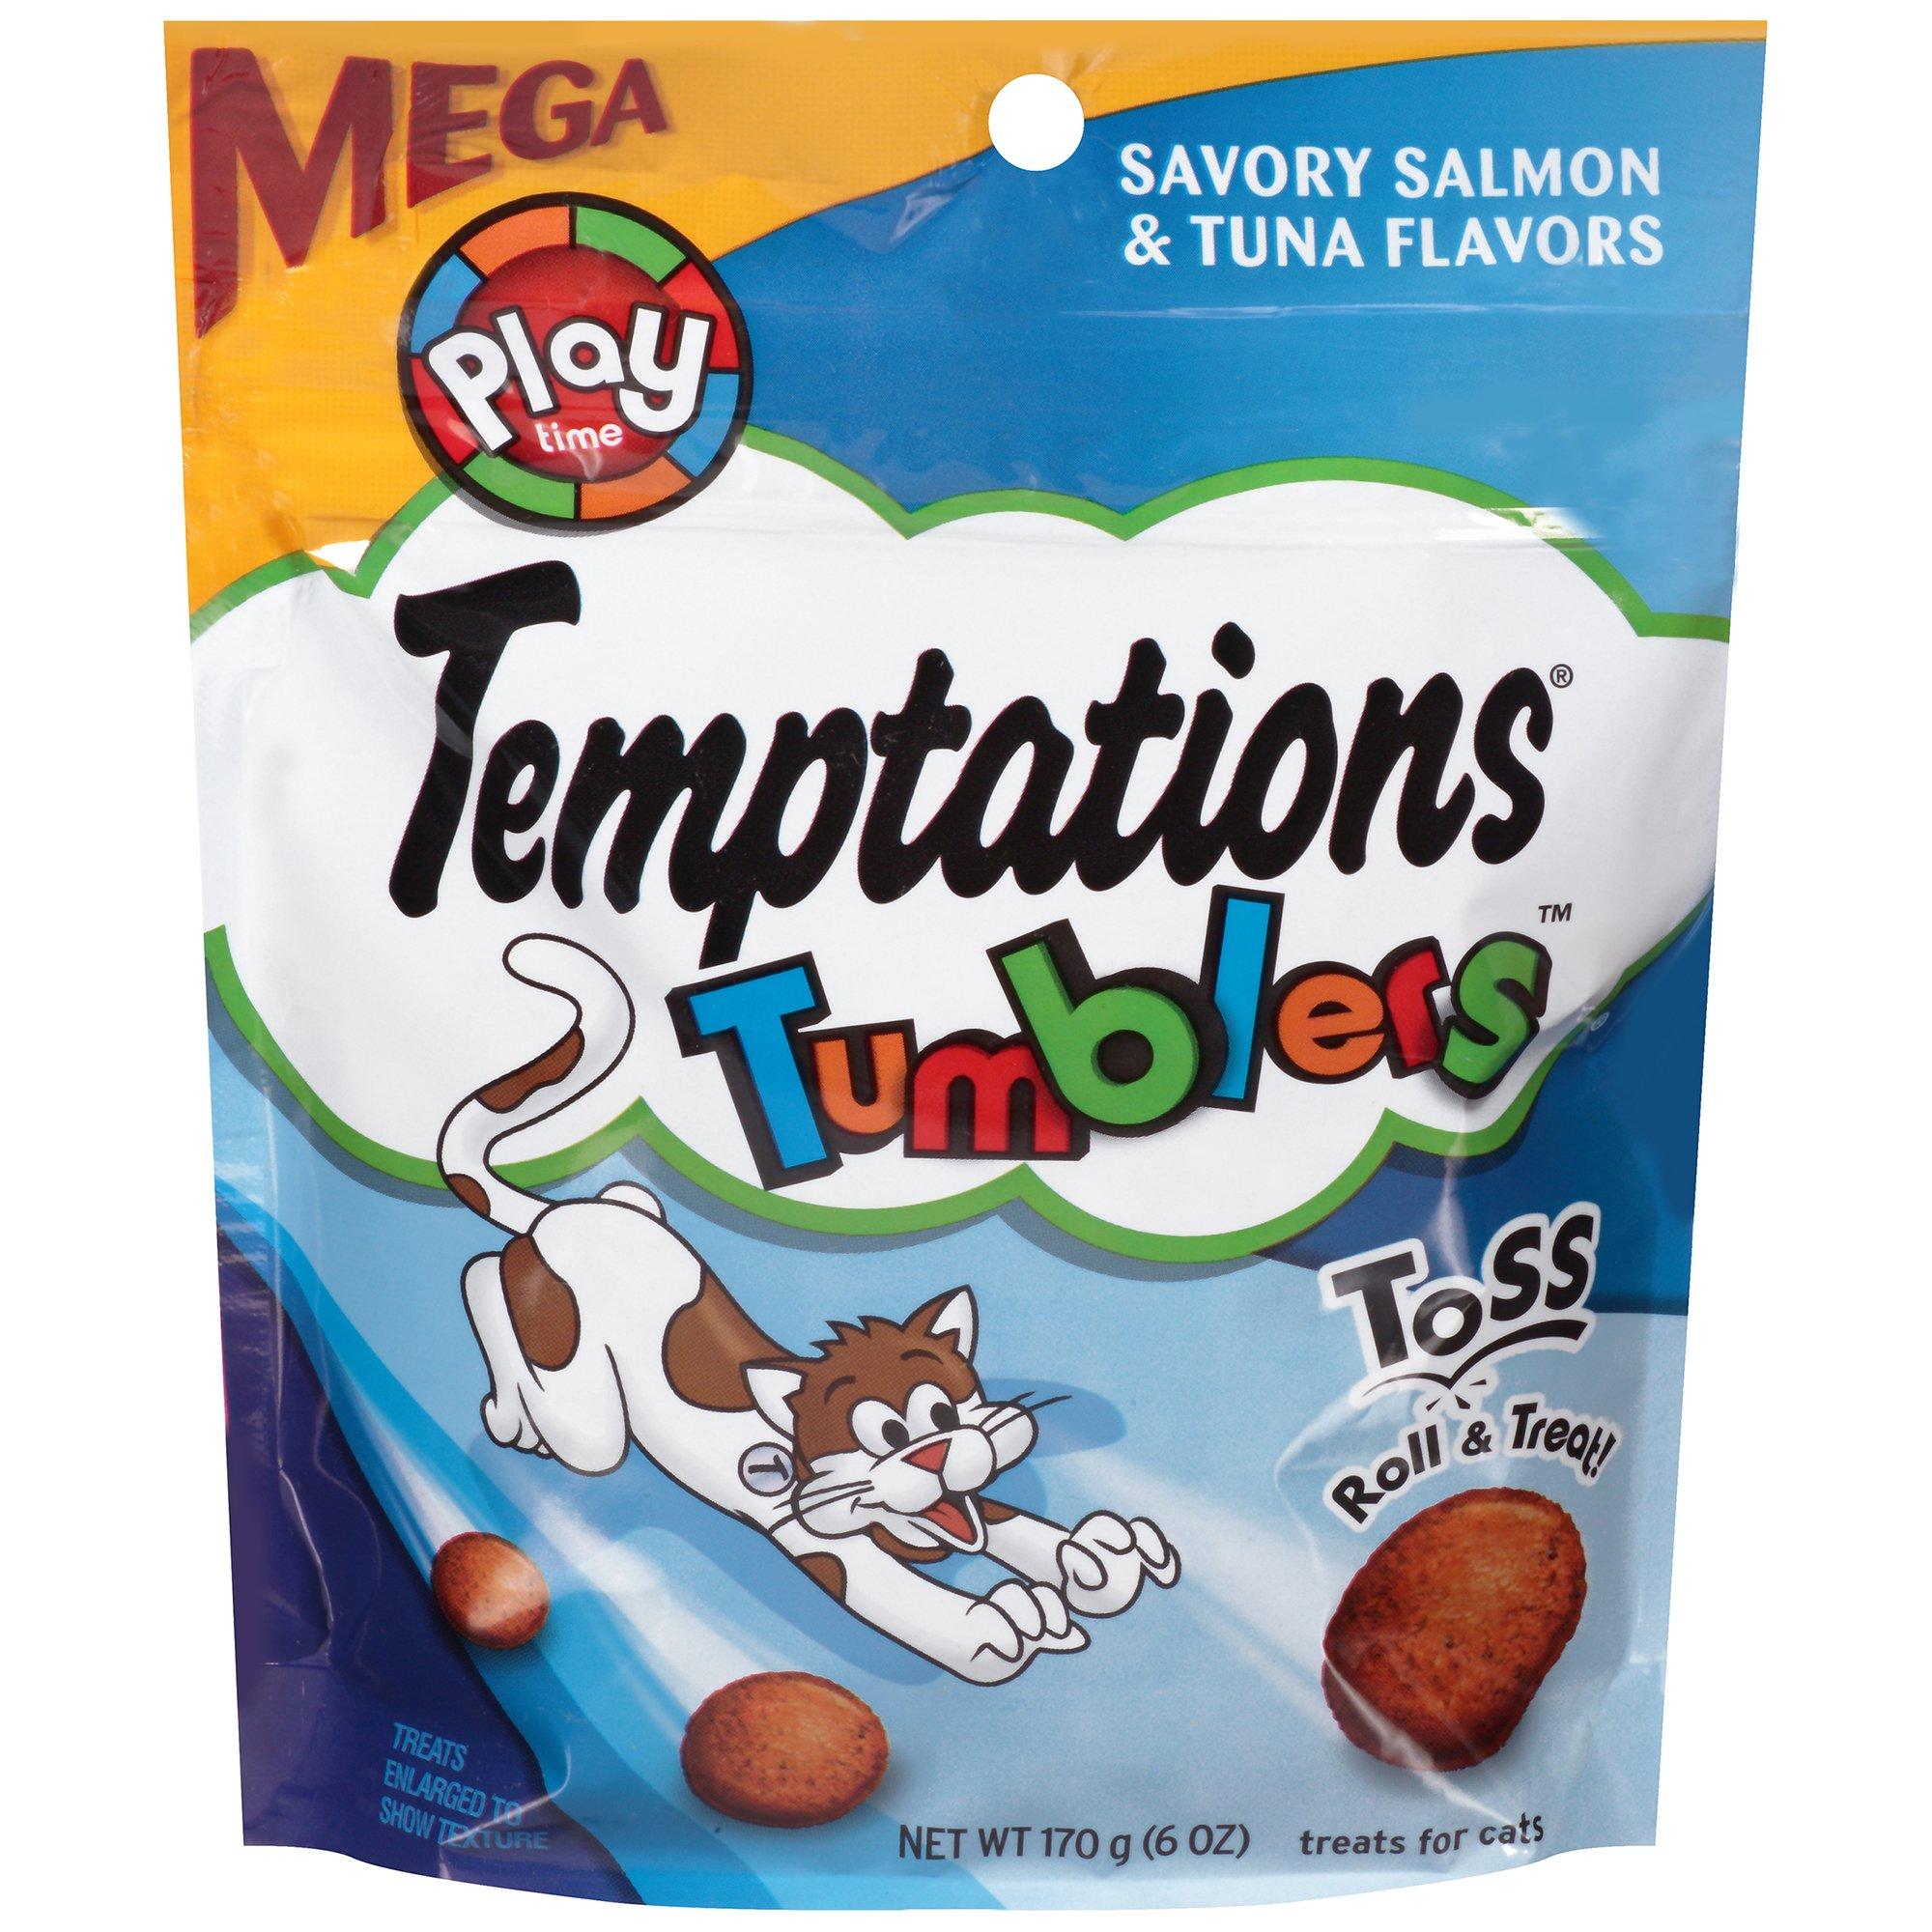 TEMPTATIONS TUMBLERS Salmon & Tuna Flavor Cat Treats